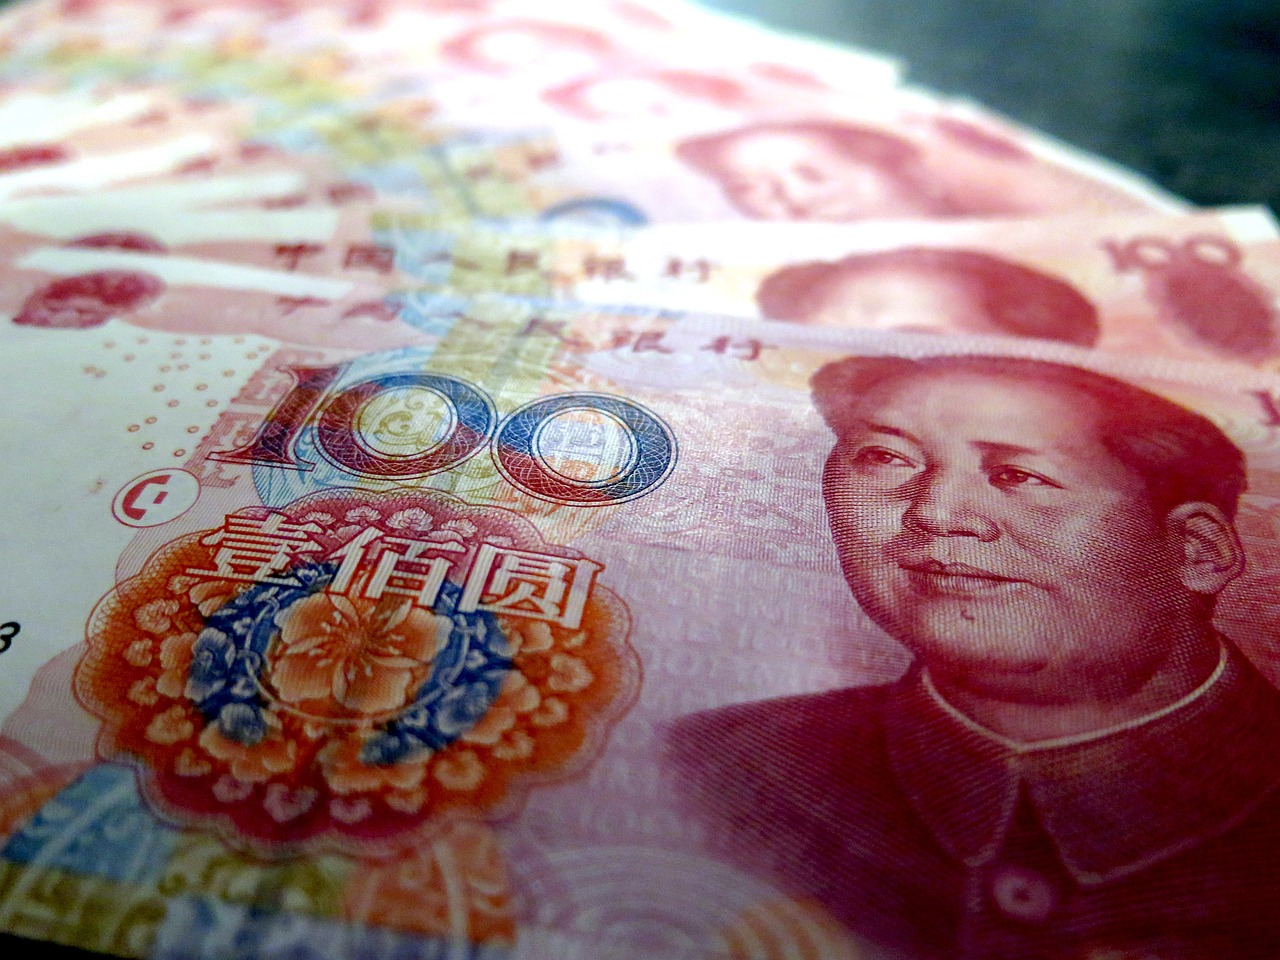 Obsequiarán nuevamente yuan digital en Shenzhen a usuarios que podrán realizar compras con la moneda digital en más de 10 mil comercios